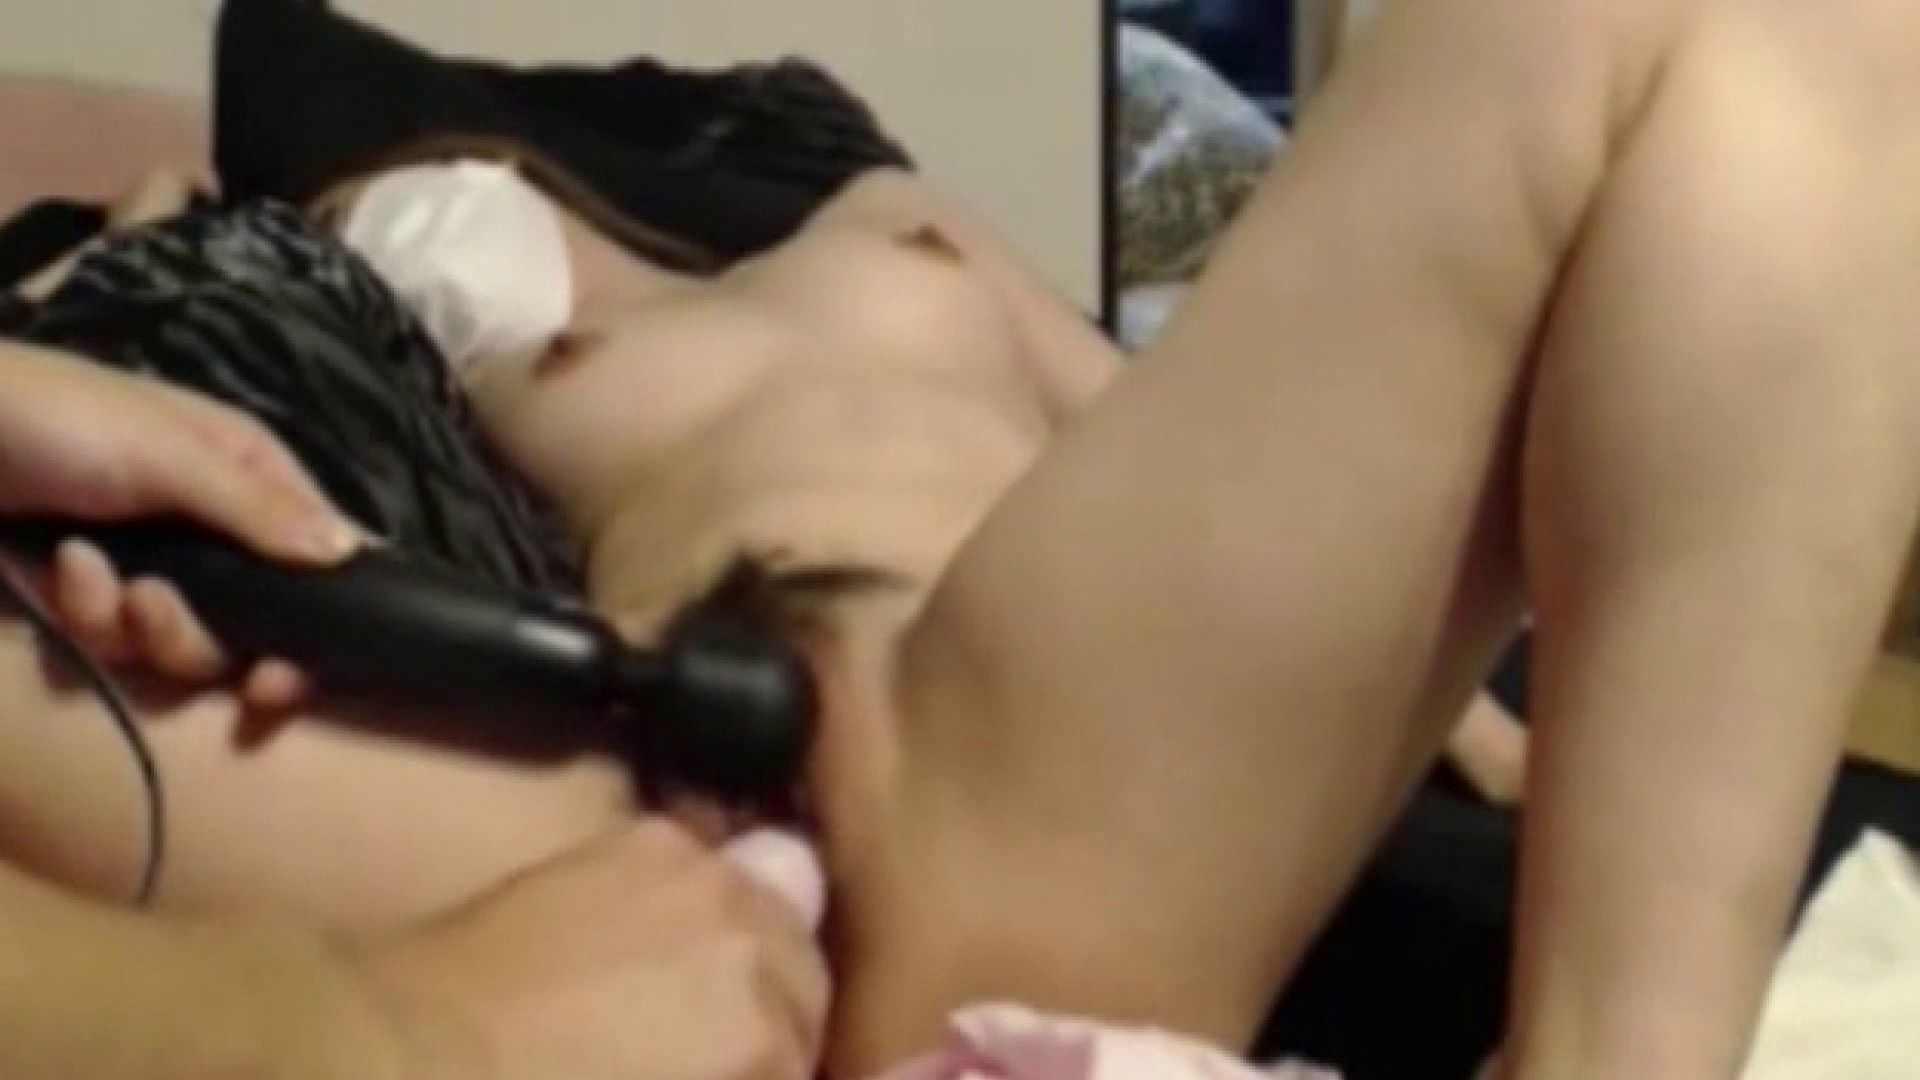 変態ギャル姫のH Vol.03 後編 OLエロ画像 隠し撮りセックス画像 24PICs 2